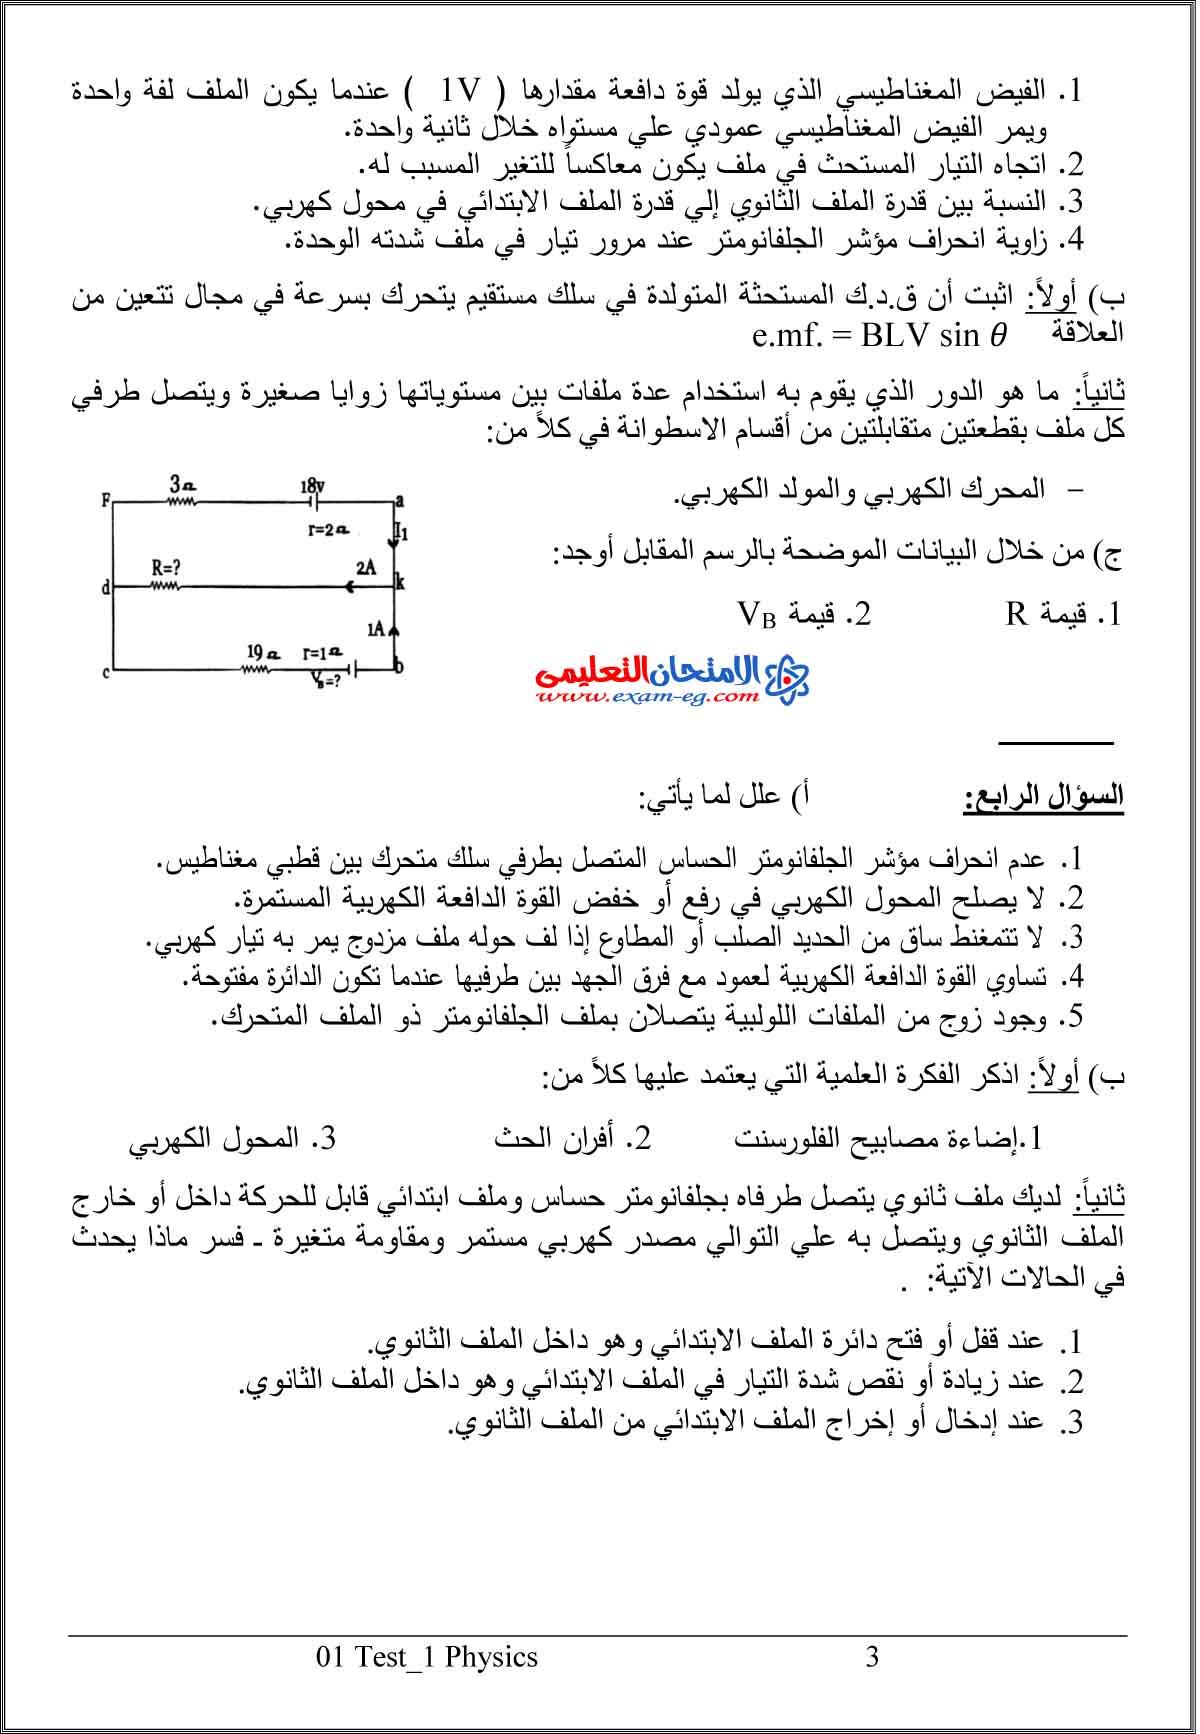 فيزياء 1 - مدرسة اون لاين-3